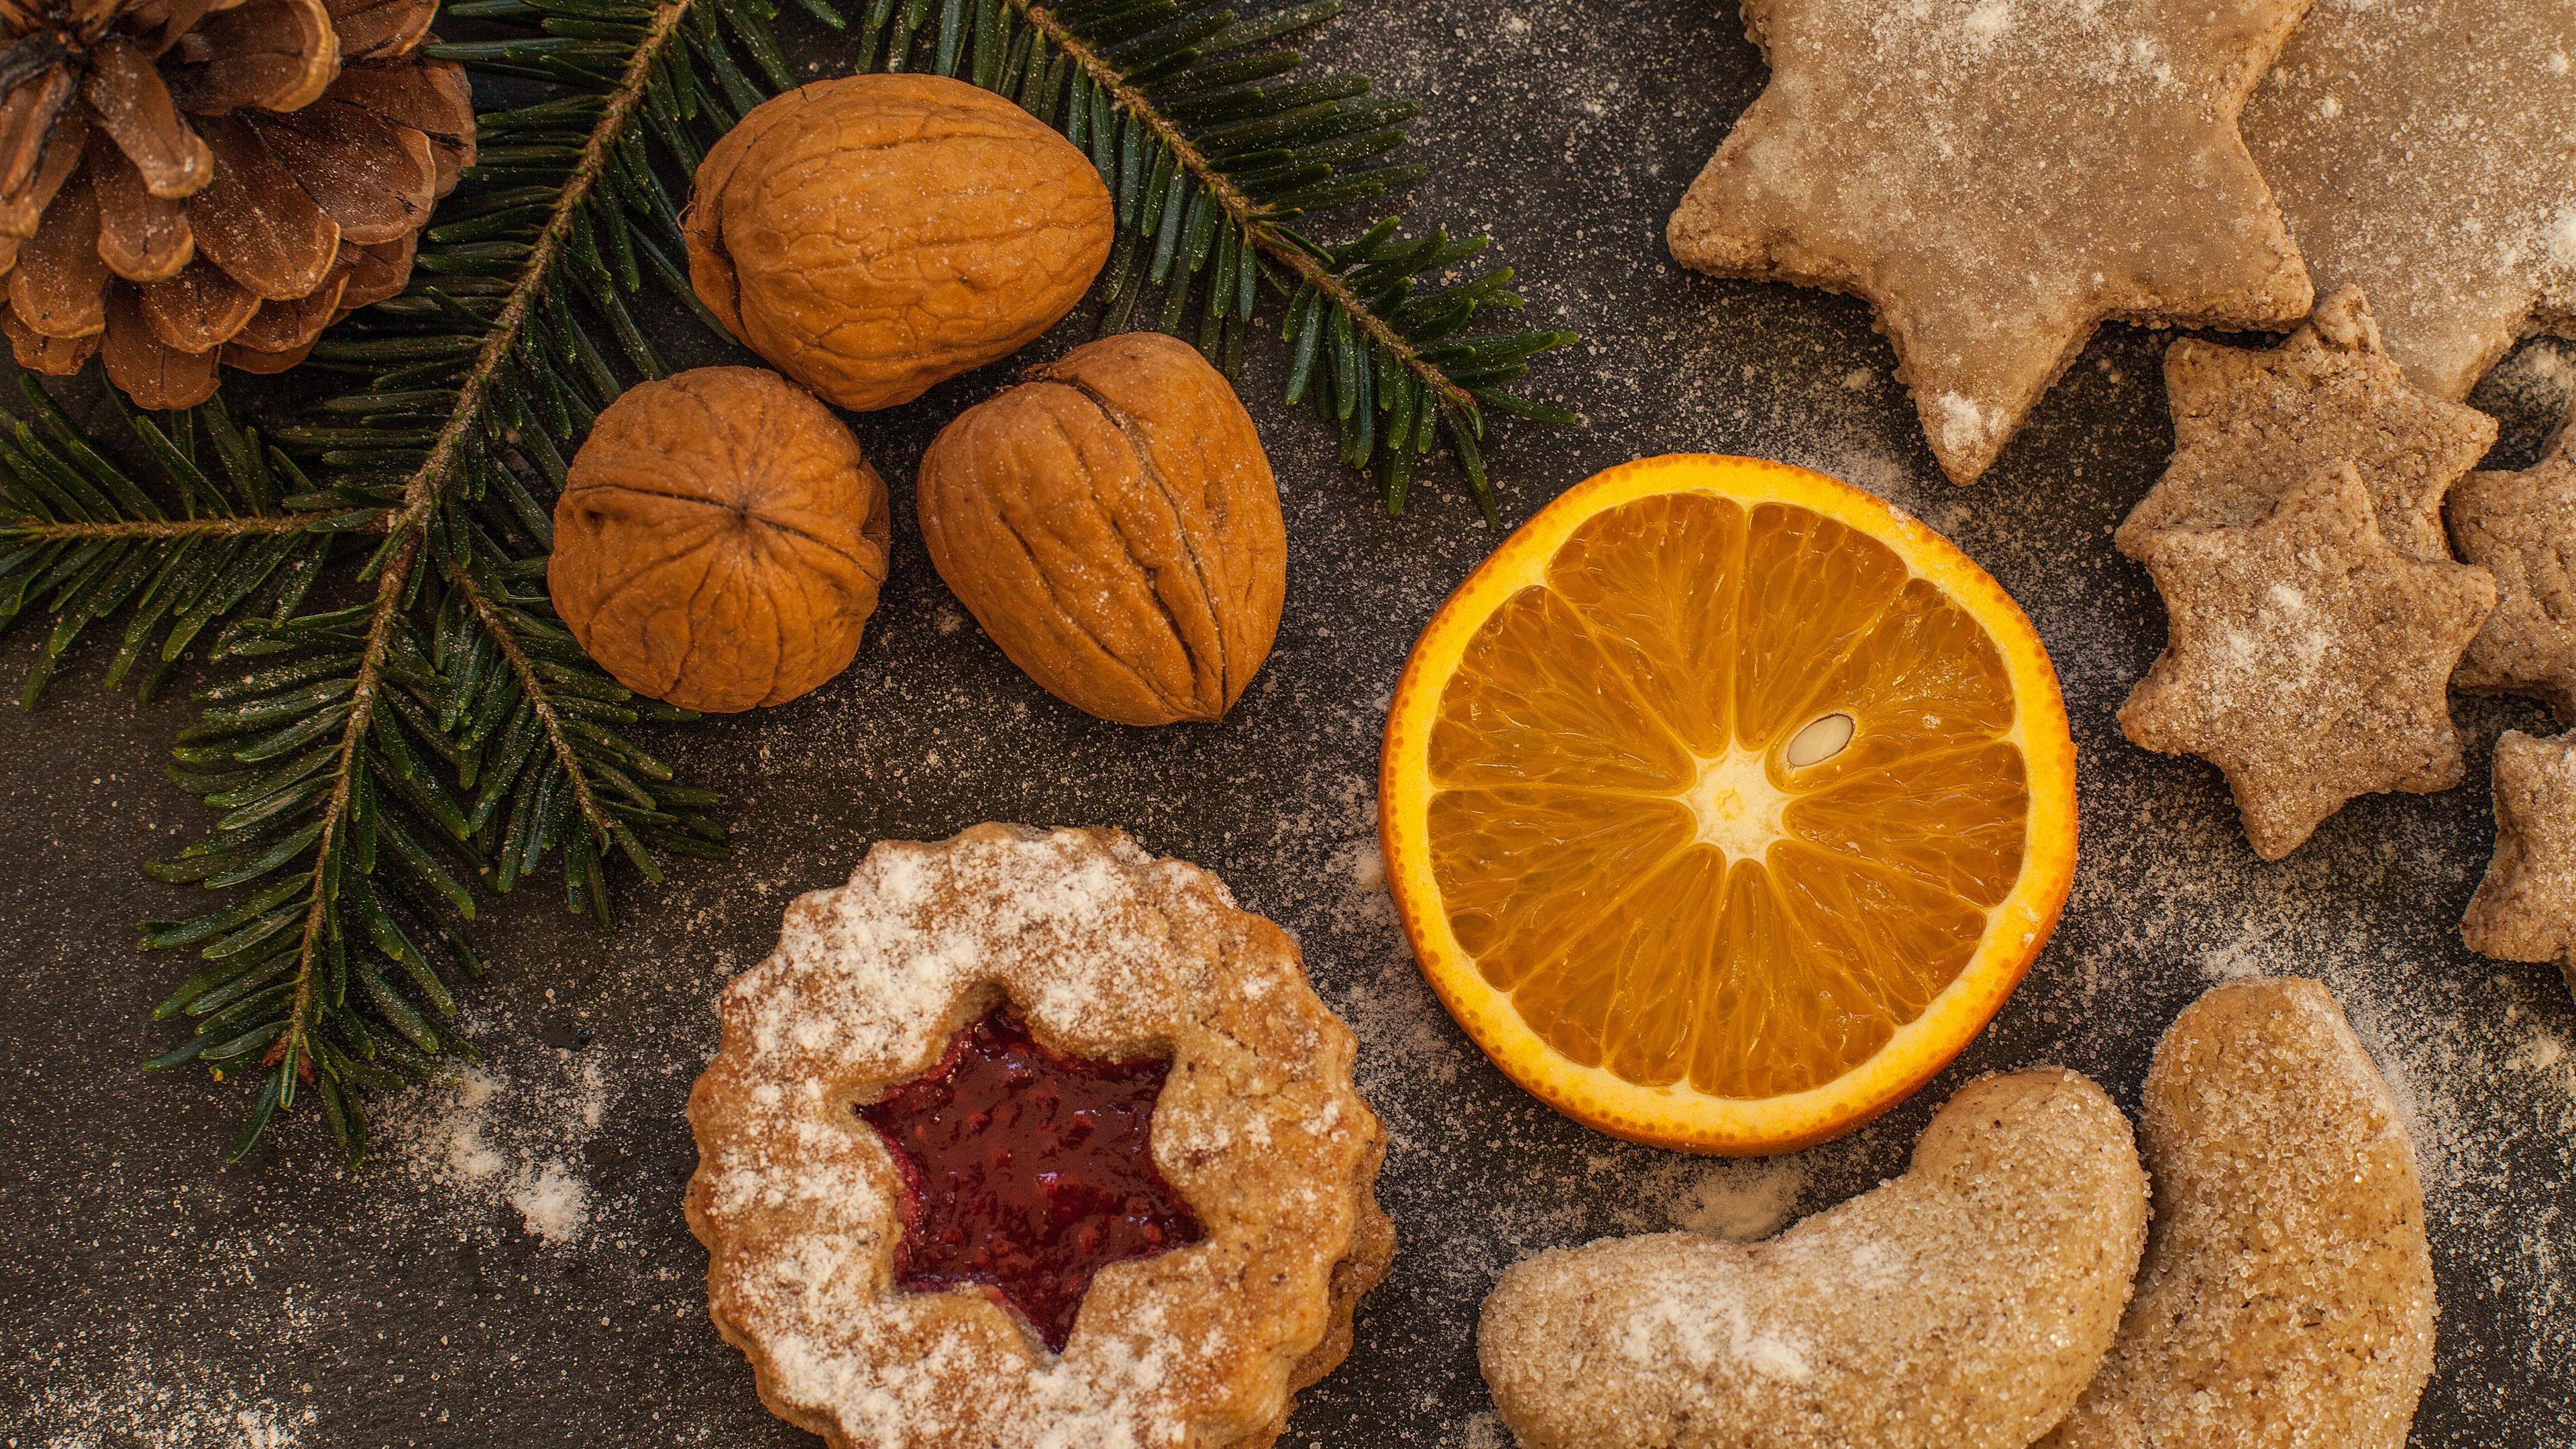 walnuts pine cones christmas cookies oranges 4k 1538344693 - walnuts, pine cones, christmas, cookies, oranges 4k - walnuts, pine cones, Christmas